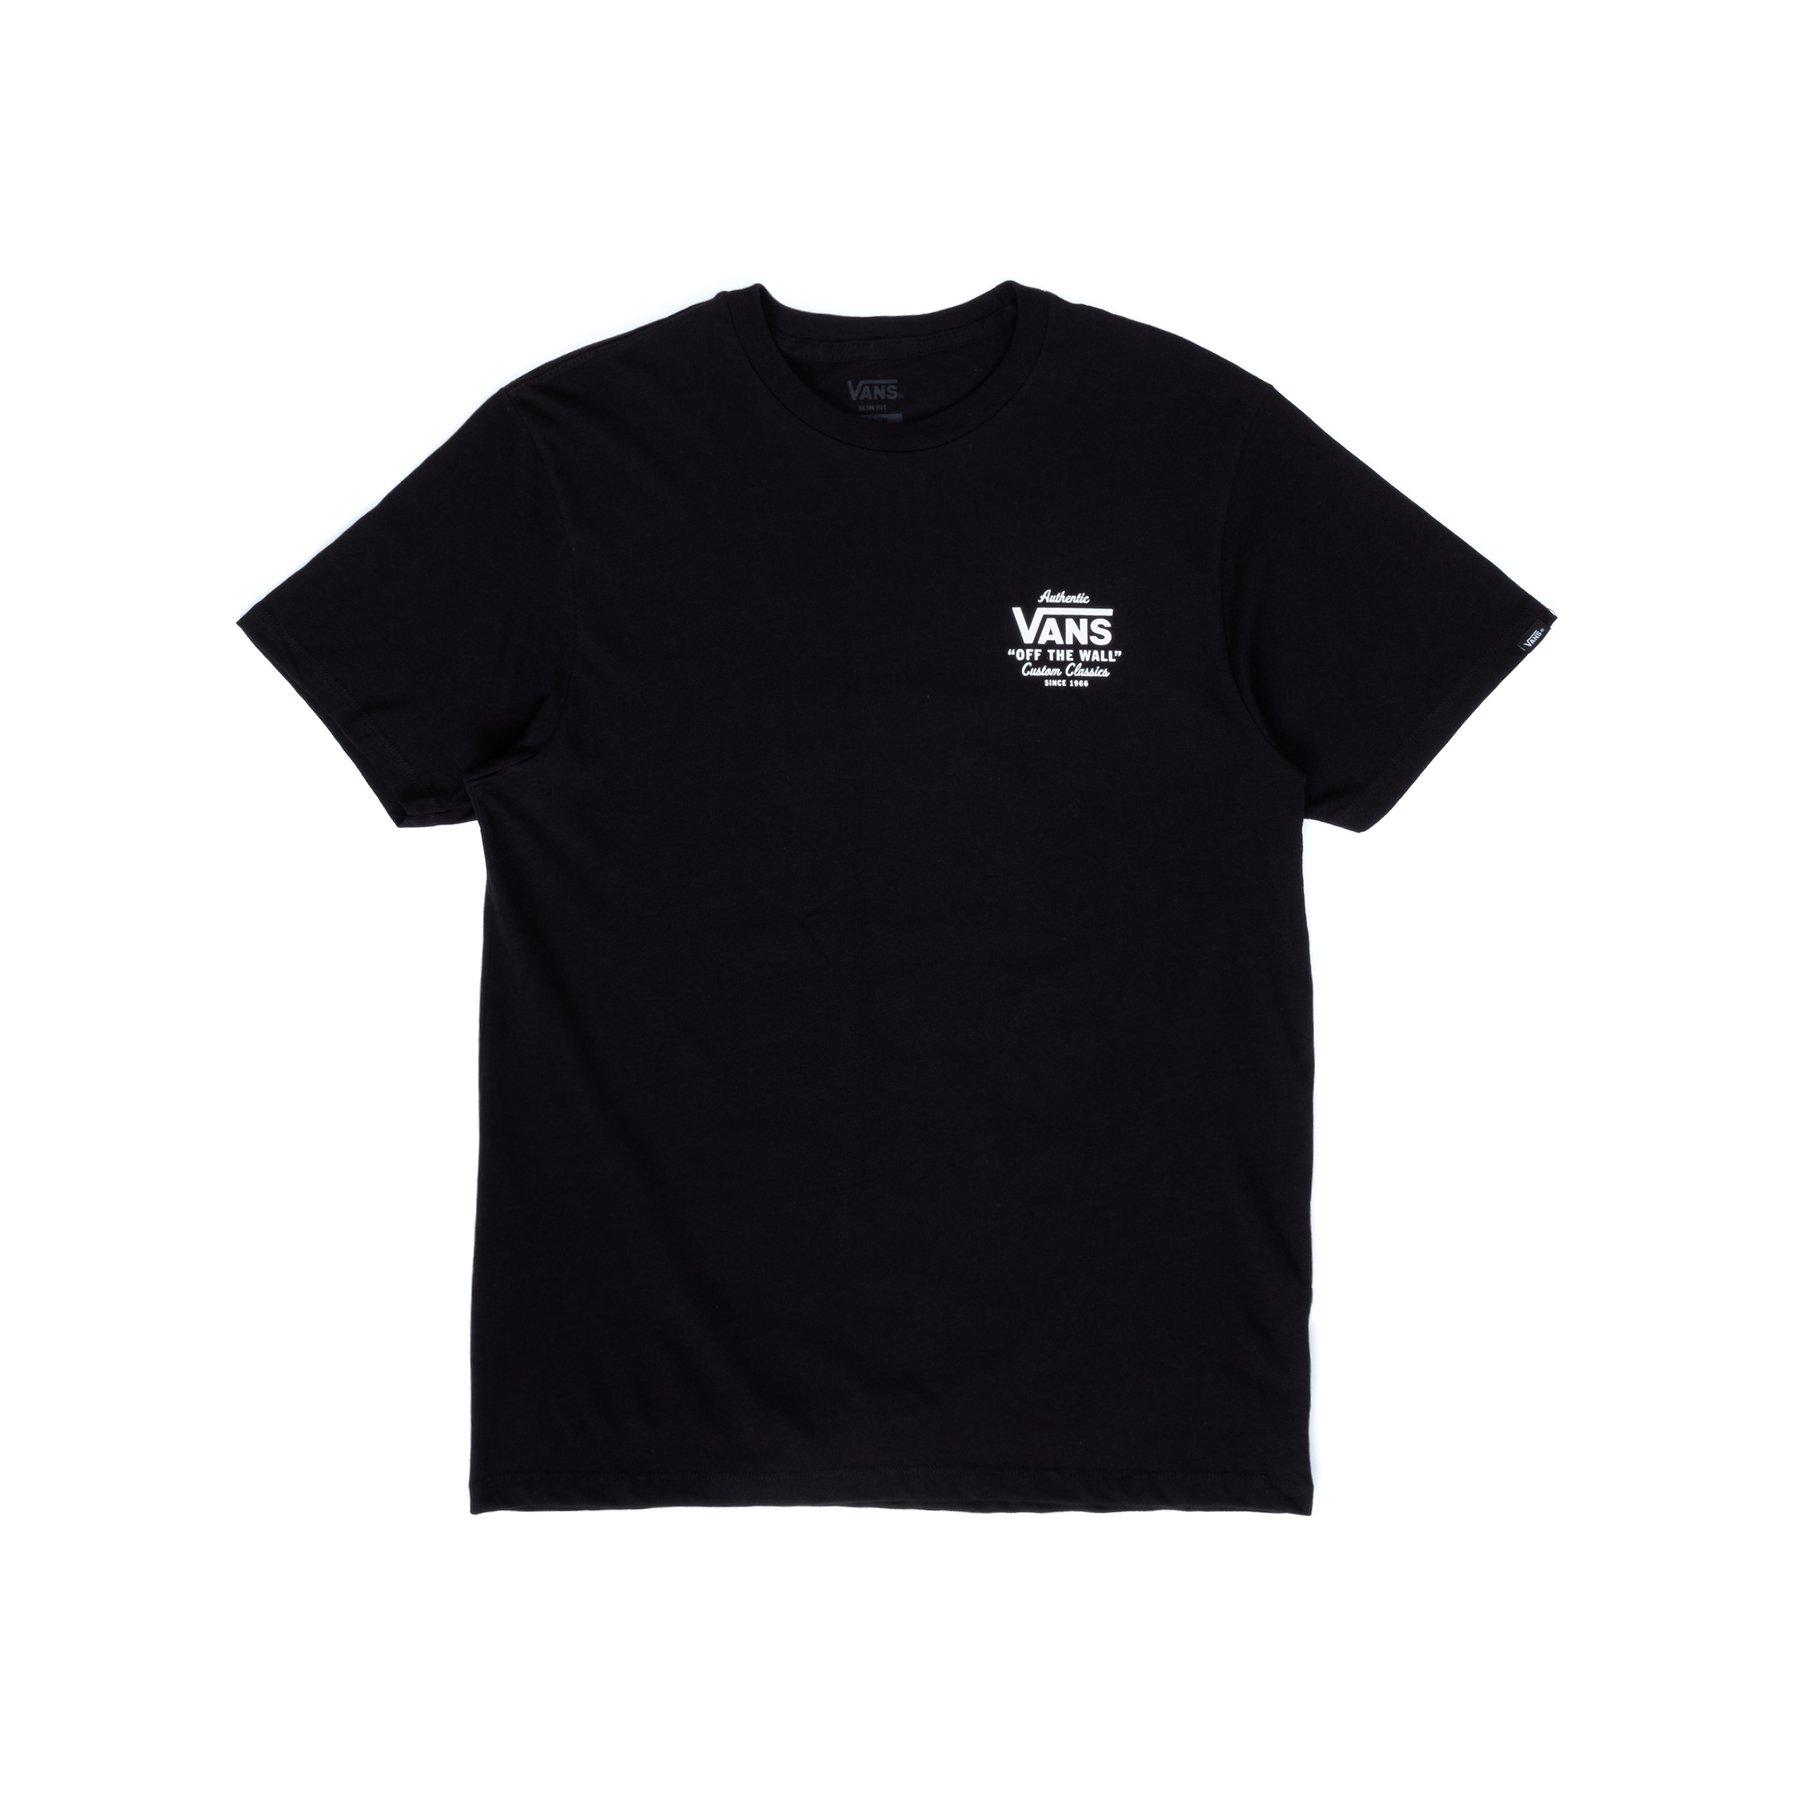 VANS HOLDER STREET II T-SHIRT - BLACK/WHITE